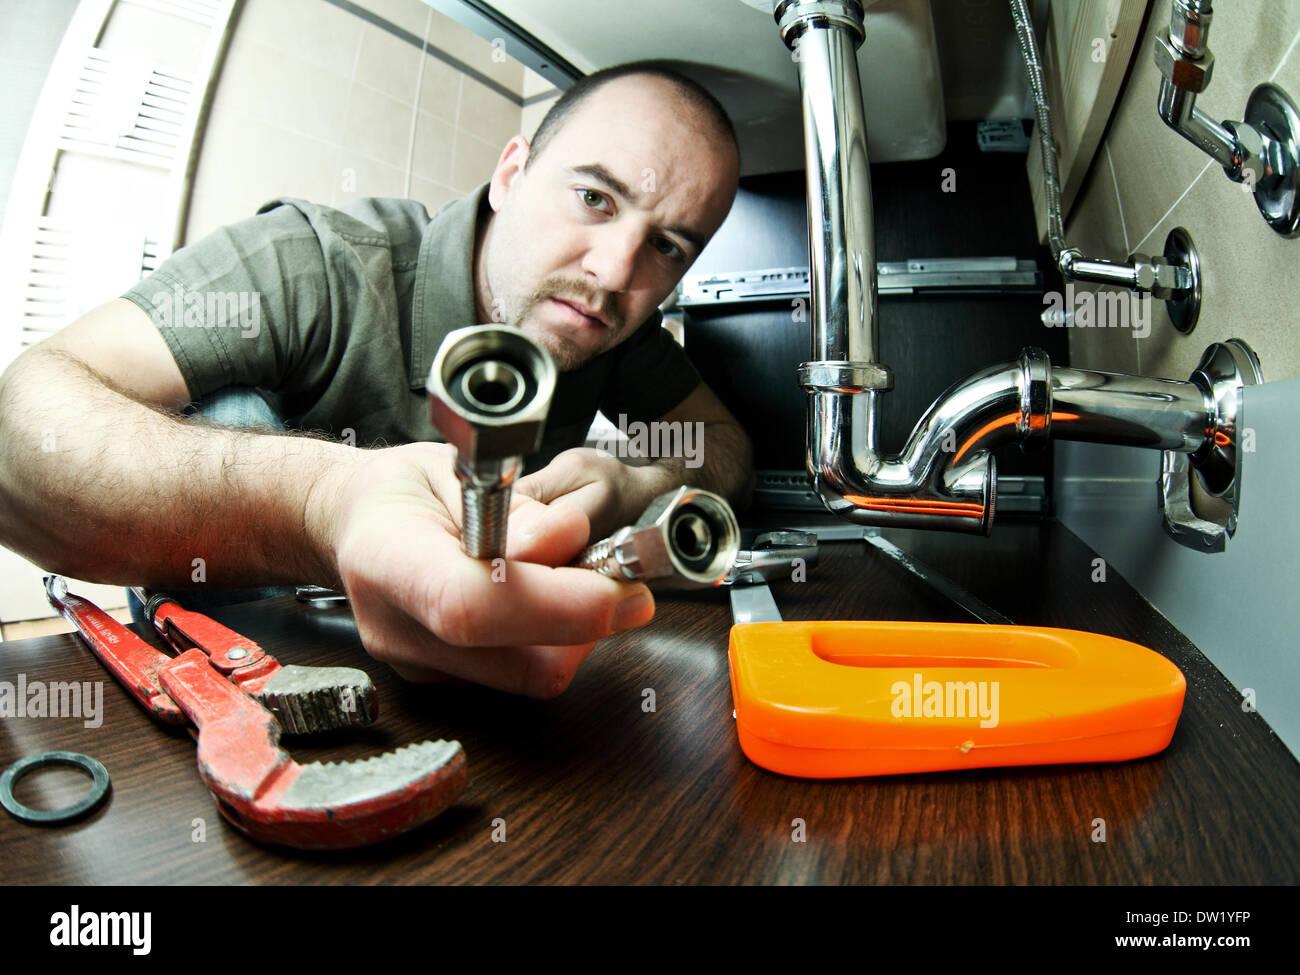 plumber at work - Stock Image